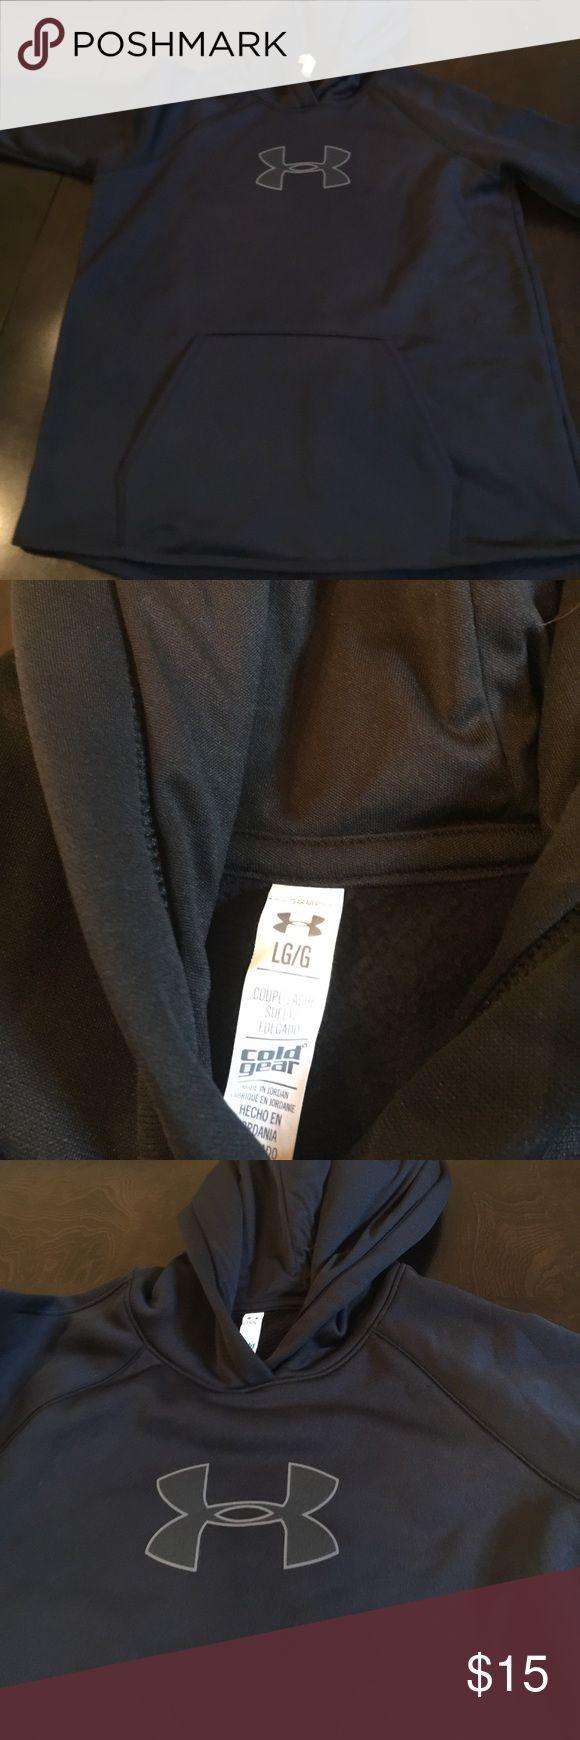 Used Women's Under Armour Hoodie Used Women's Under Armour Hoodie Under Armour Tops Sweatshirts & Hoodies